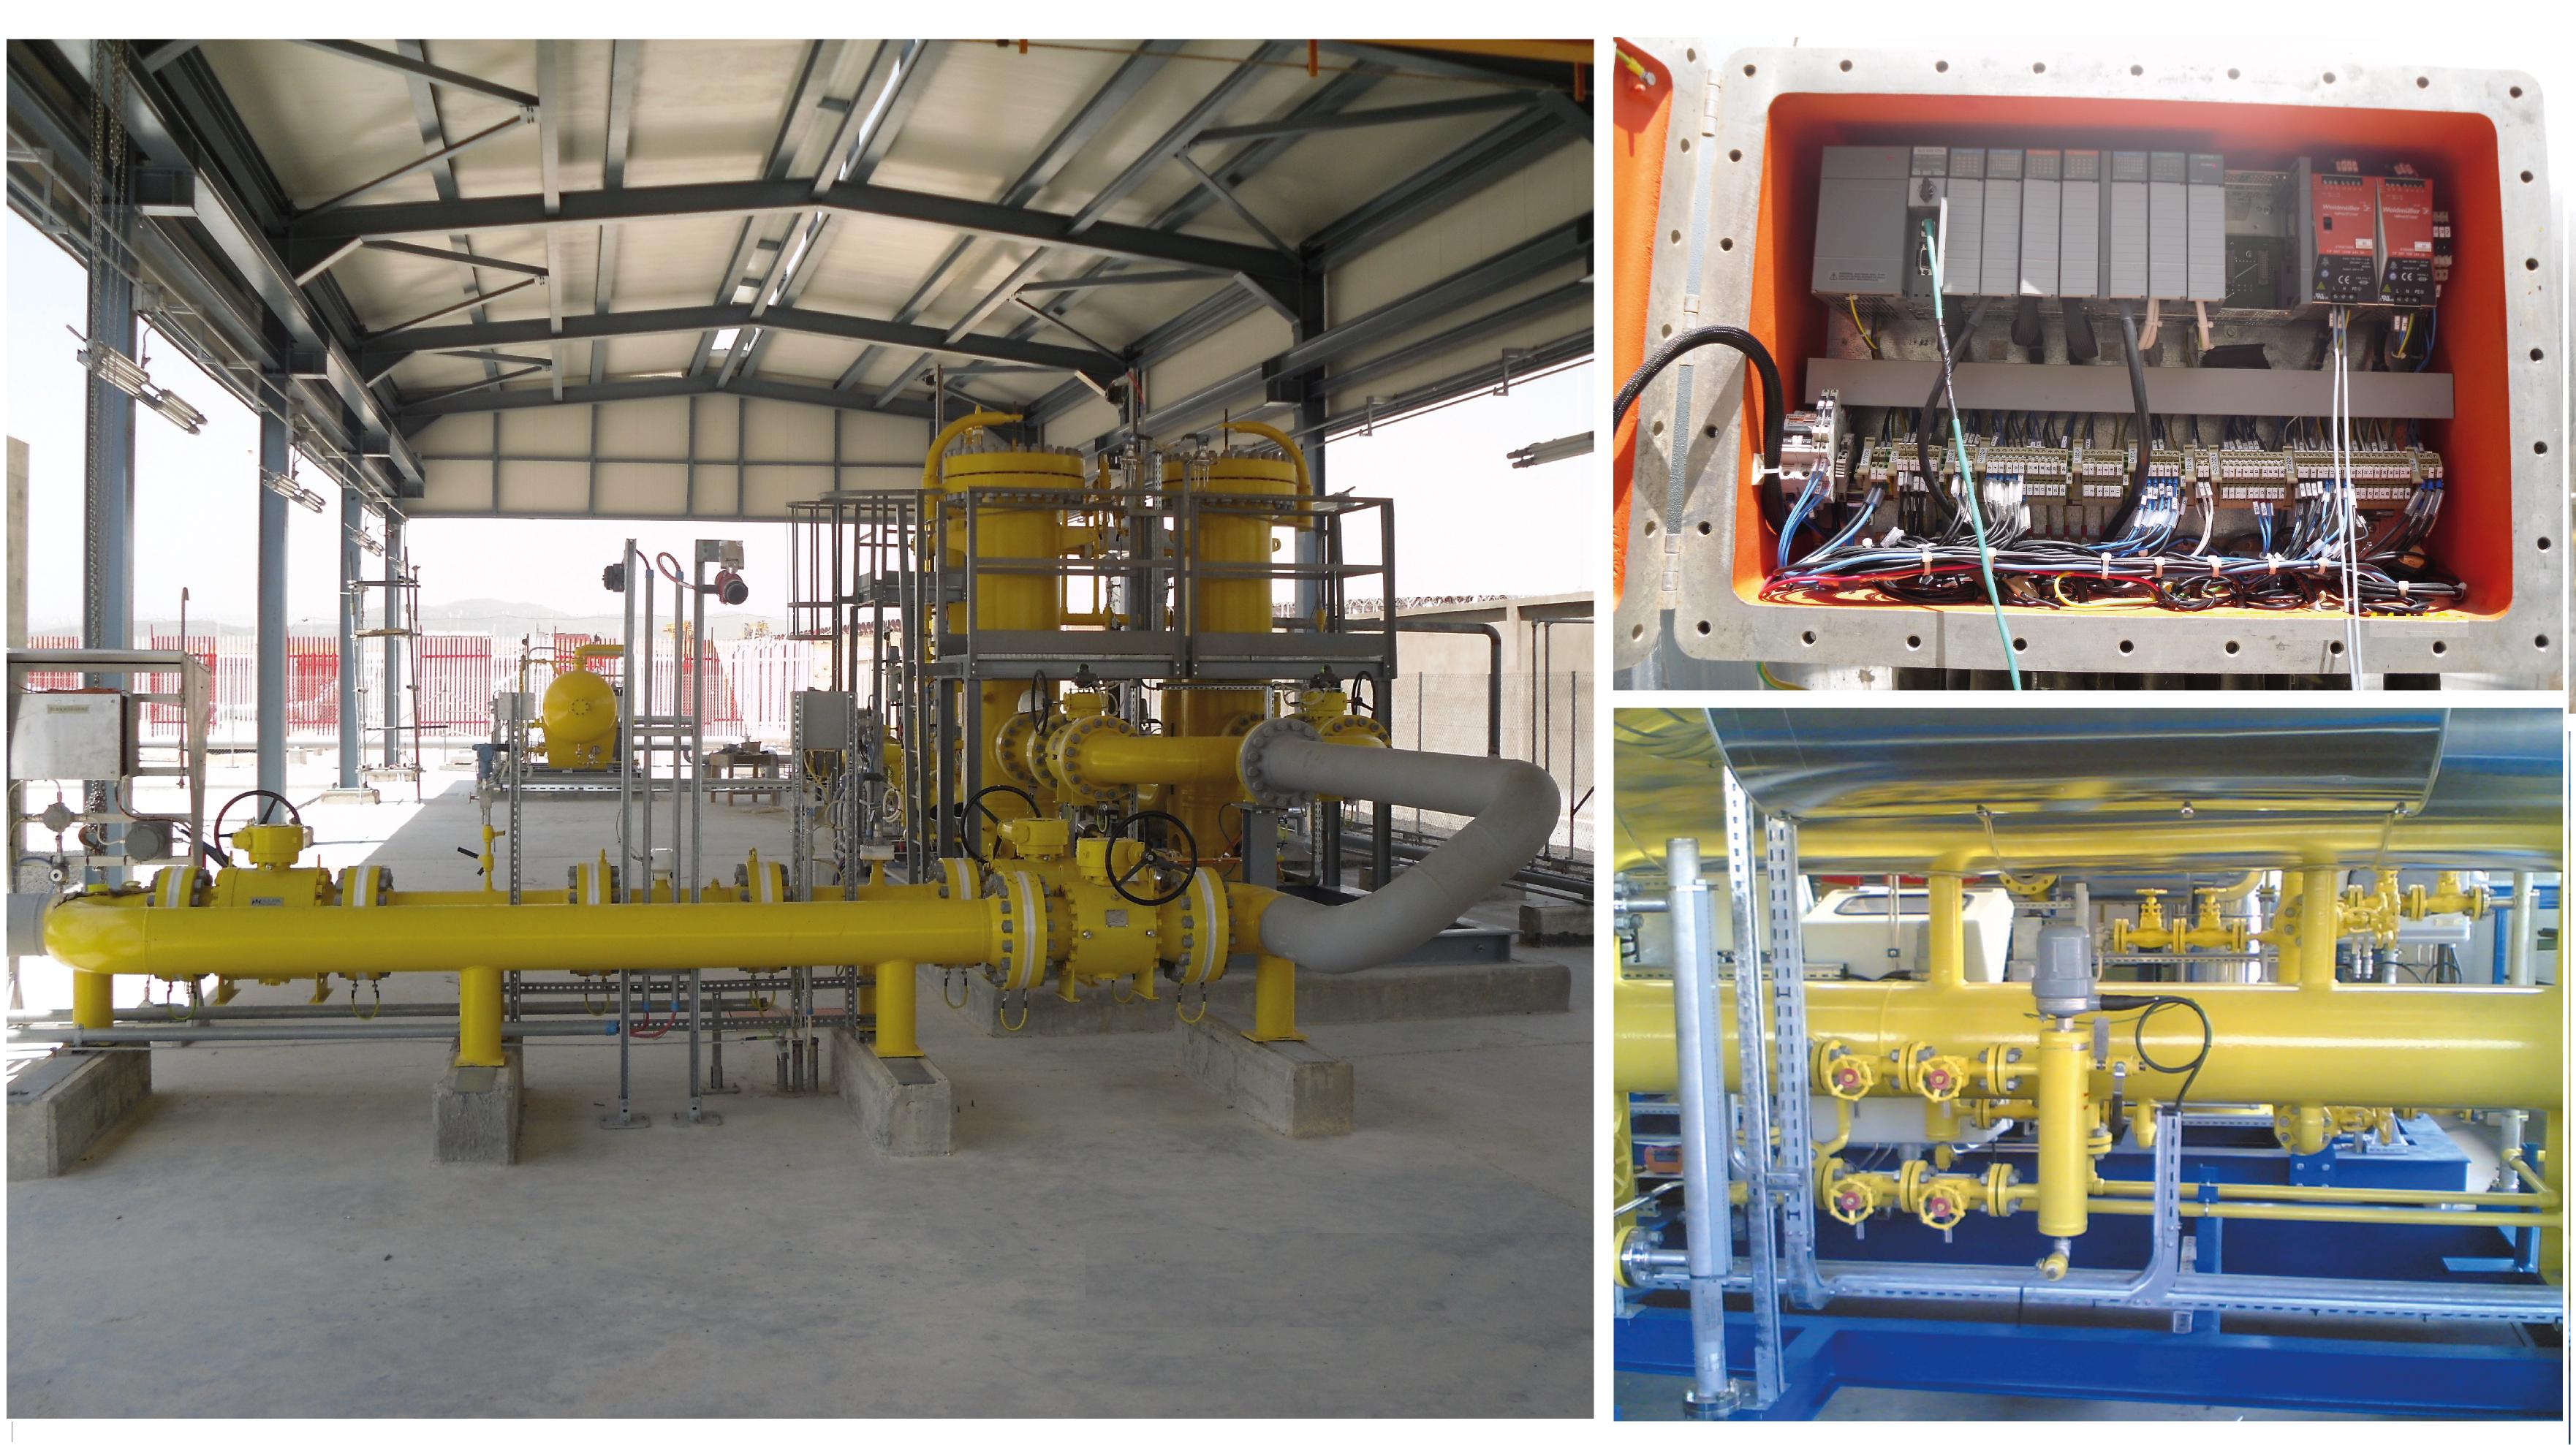 travaux-fourniture-automatisme-instrumentation-supervision-centrales-electrique-algerie-autelec-maroc